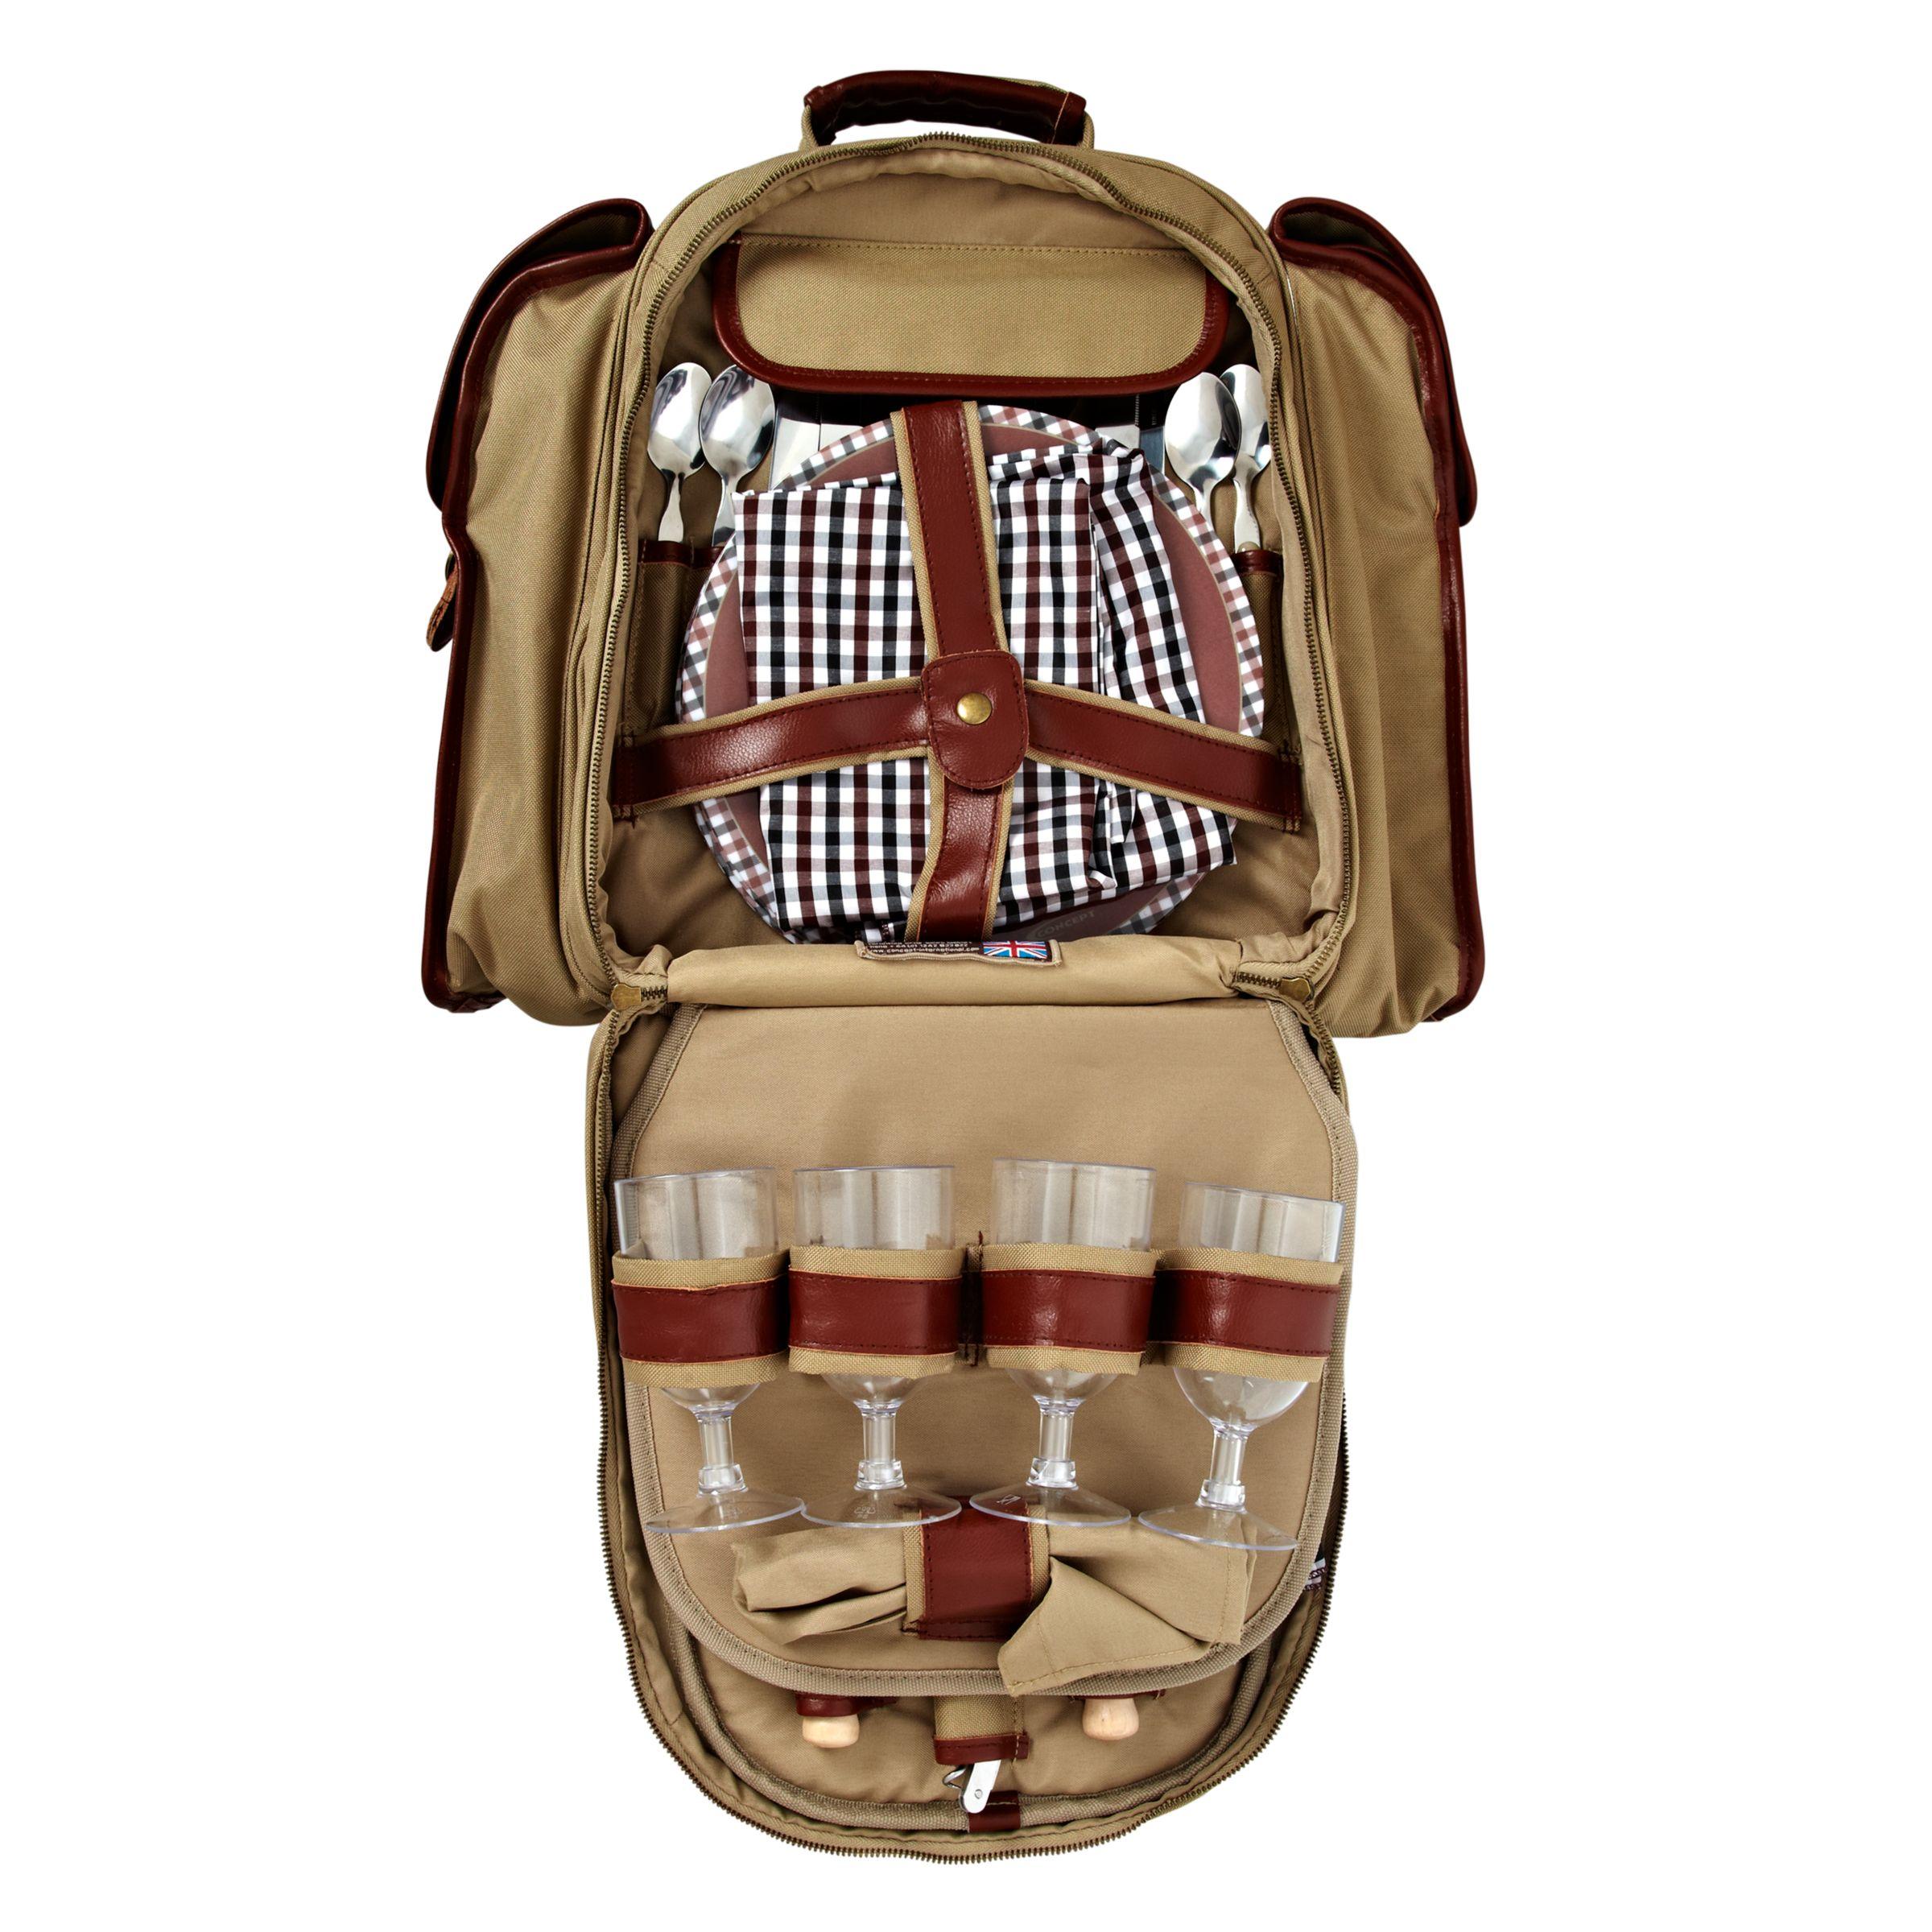 Concept Safari Picnic Backpack, 4 Person